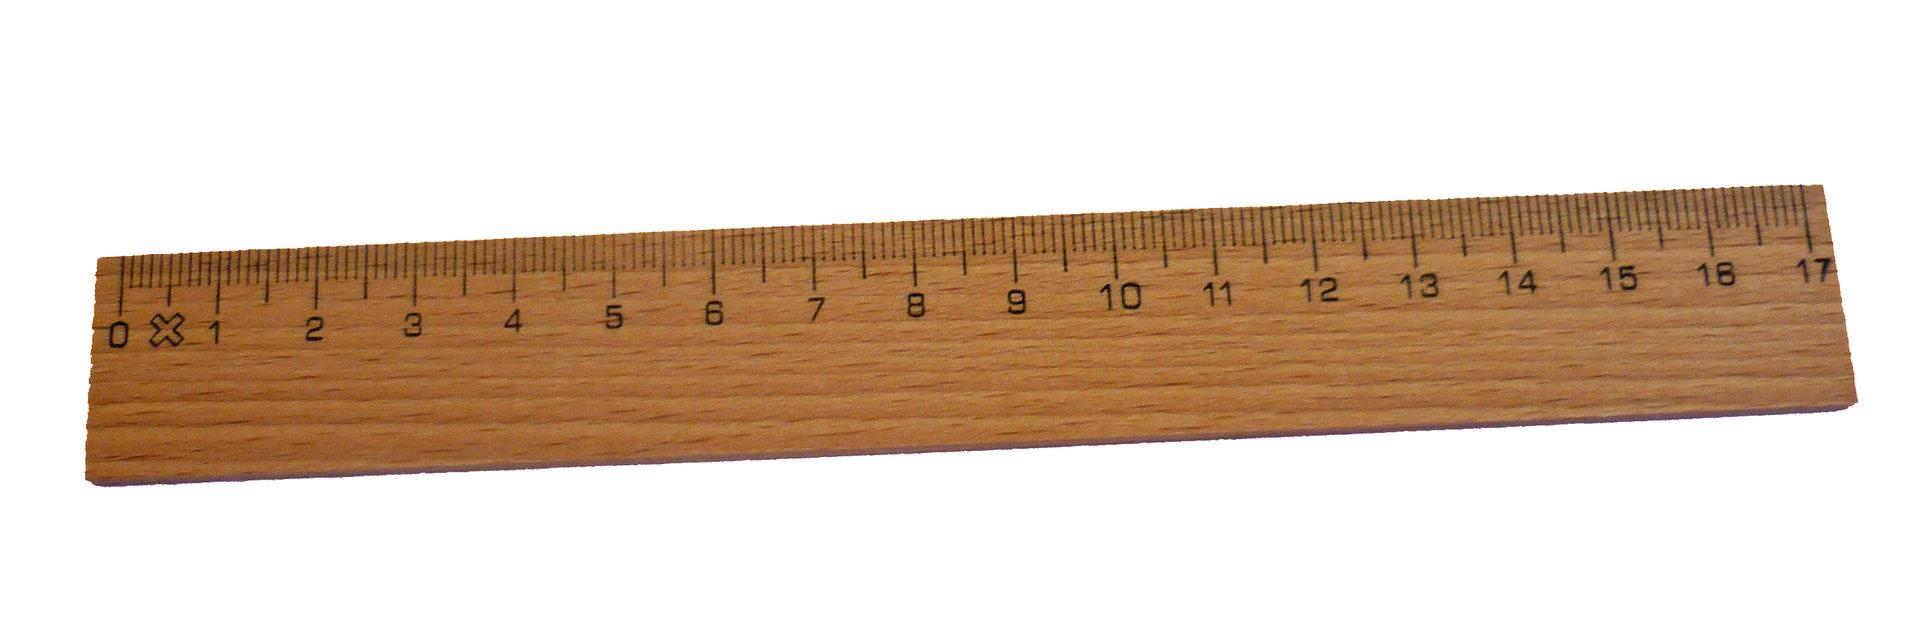 Holzlineal 17 cm // Buchenholz Lineal mit Metalleinlage Brunnen